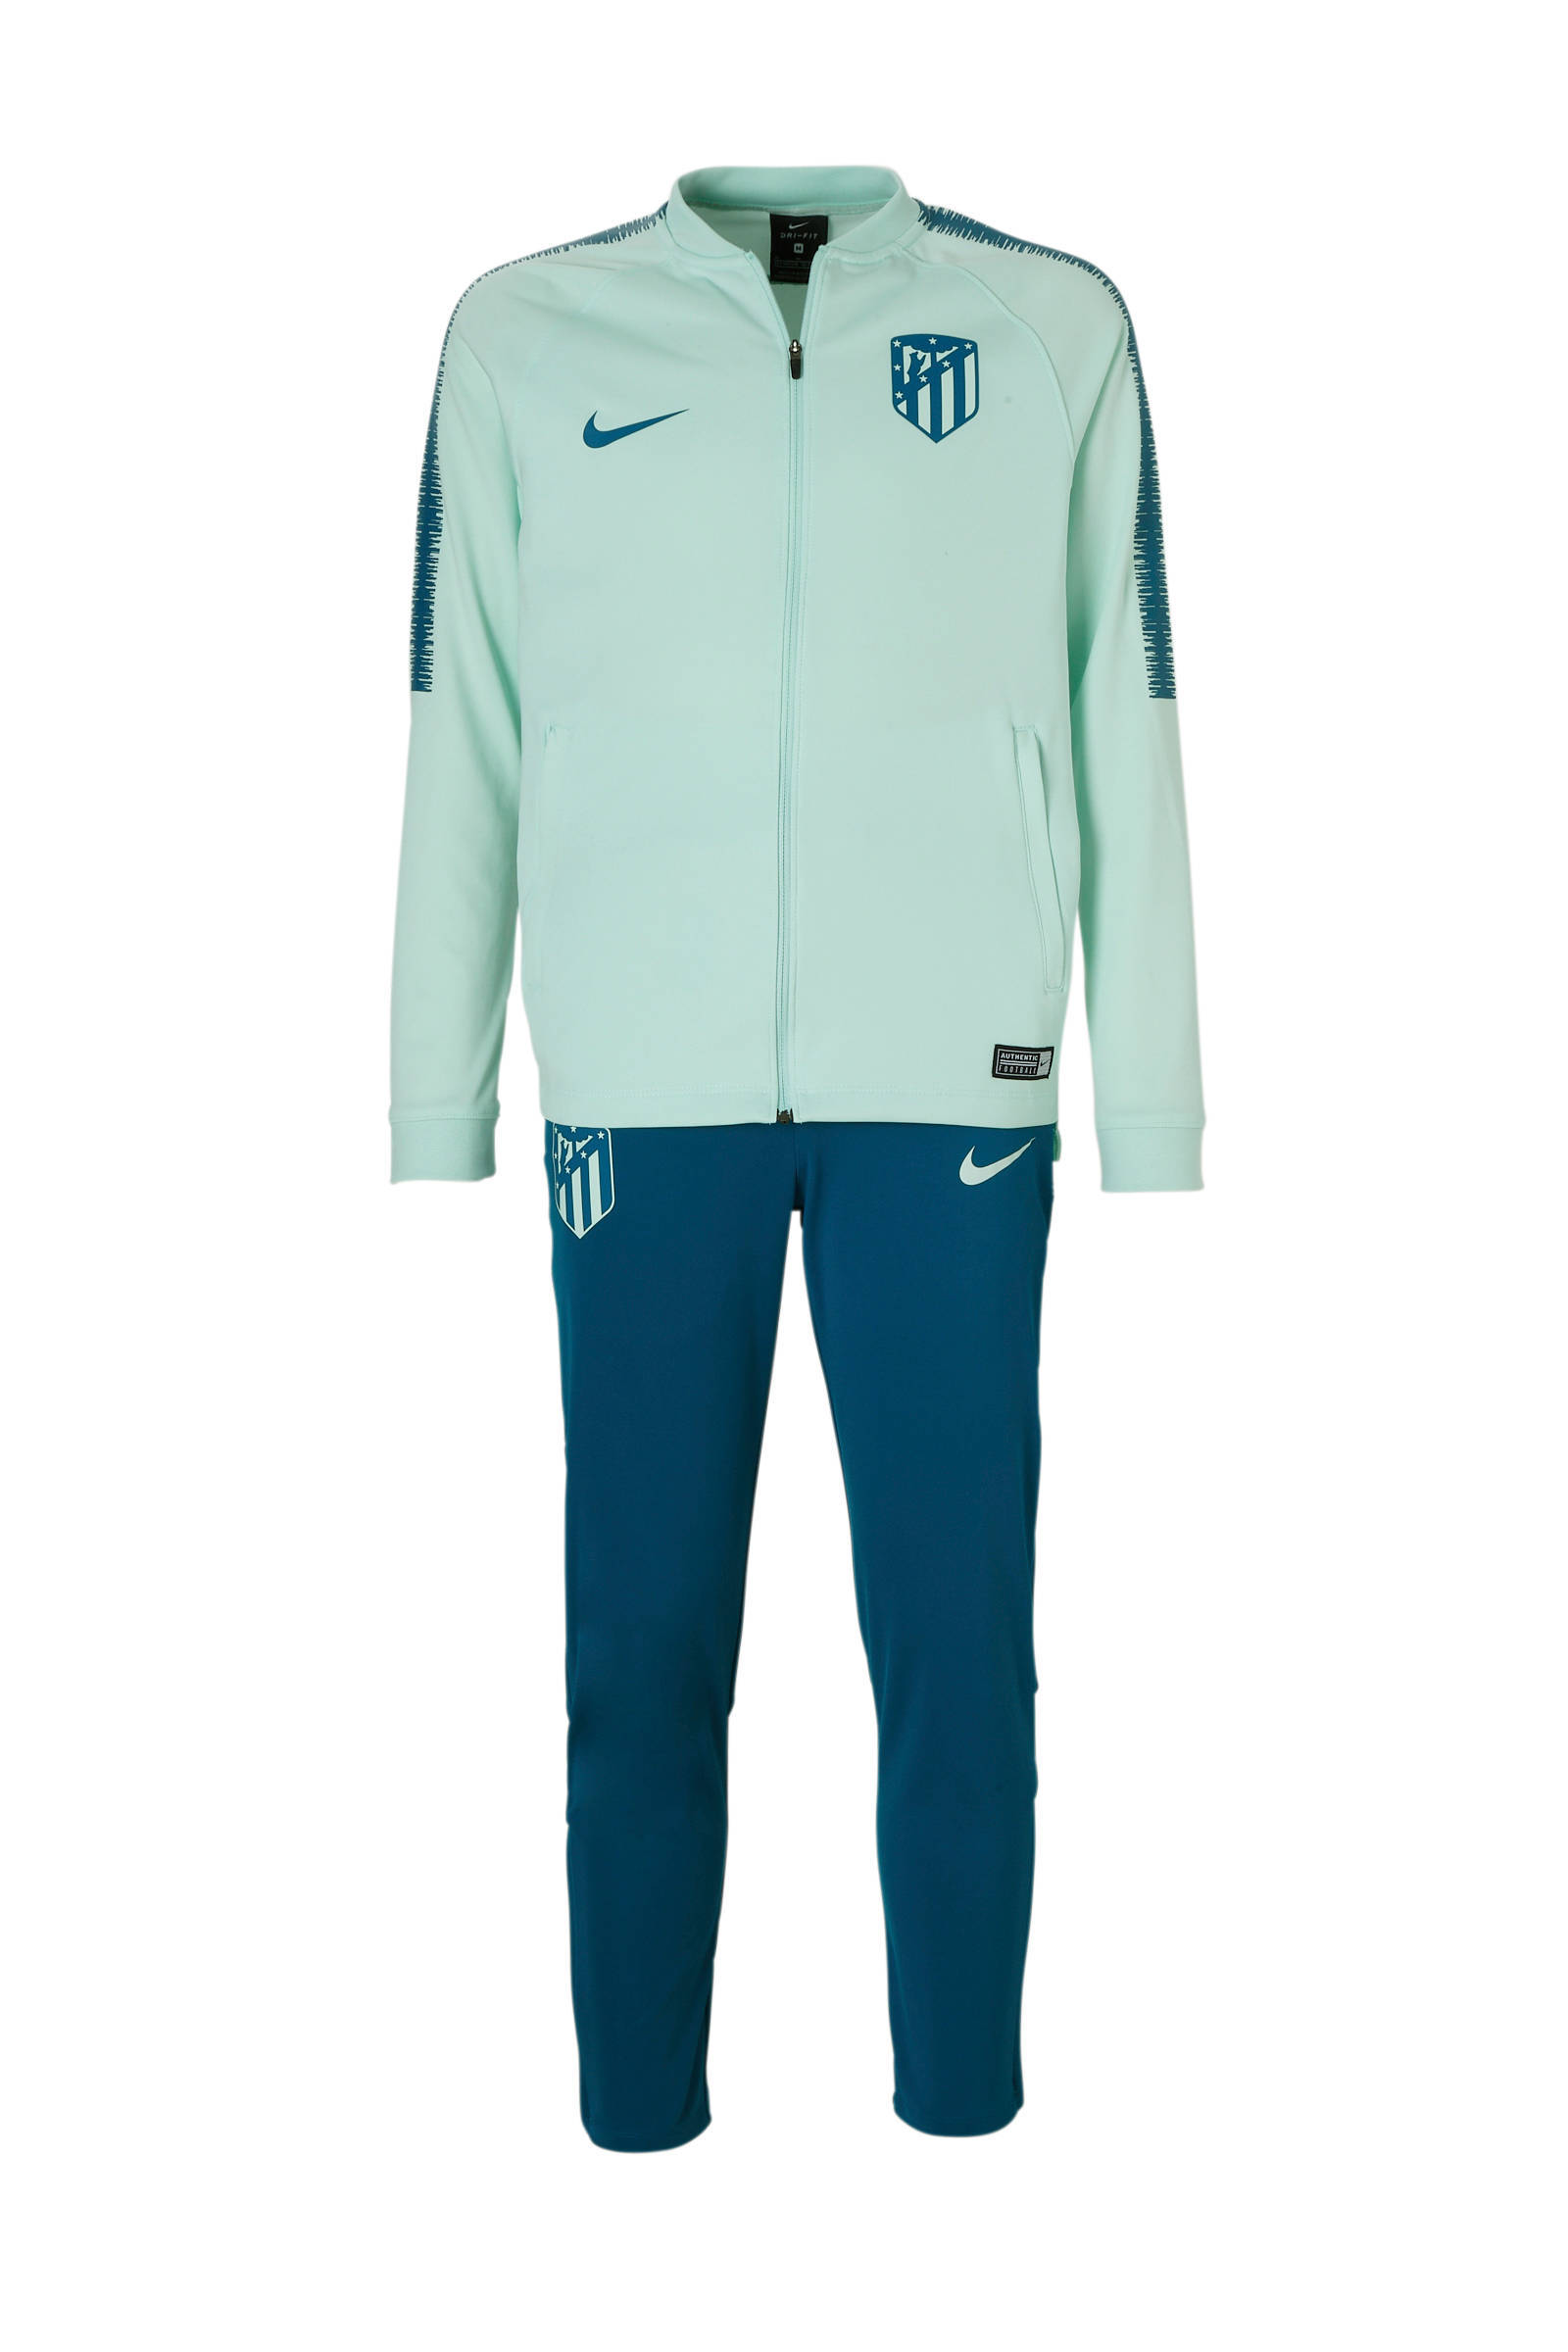 Nike trainingspak licht blauw/groen | wehkamp